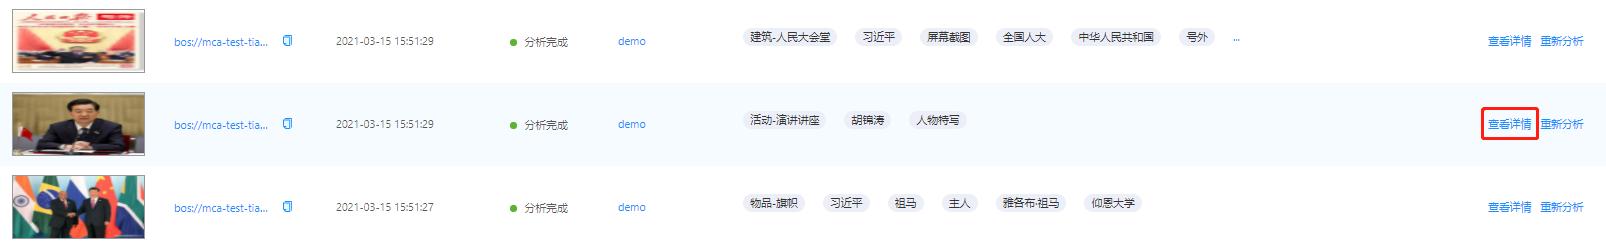 vca_创建图片分析_查看详情.png